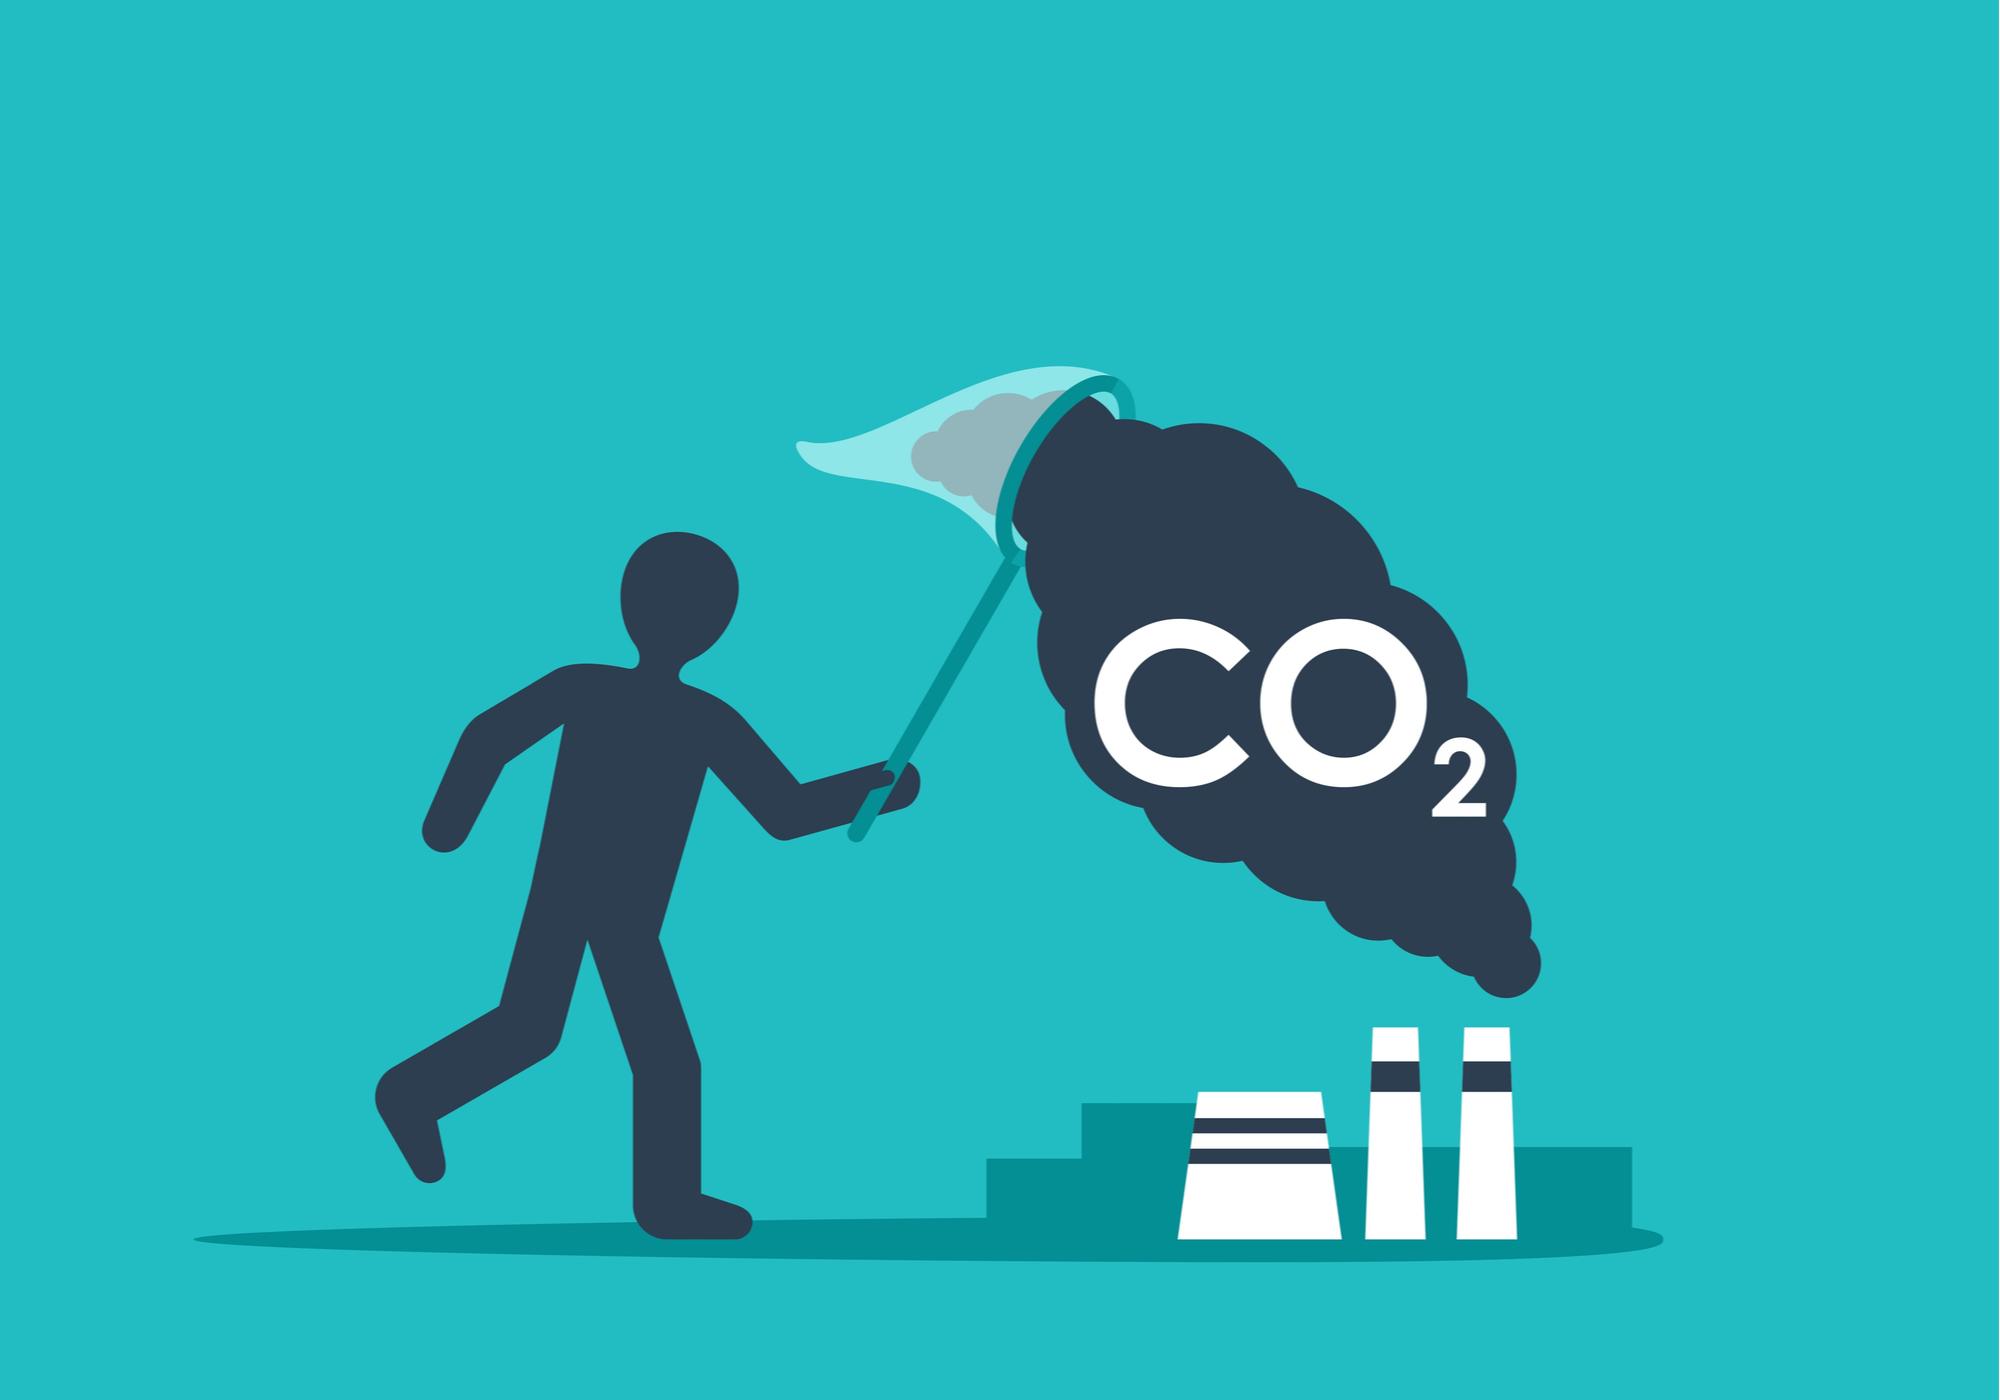 [Перевод] Итак, вы хотите создать компанию по улавливанию и хранению углерода